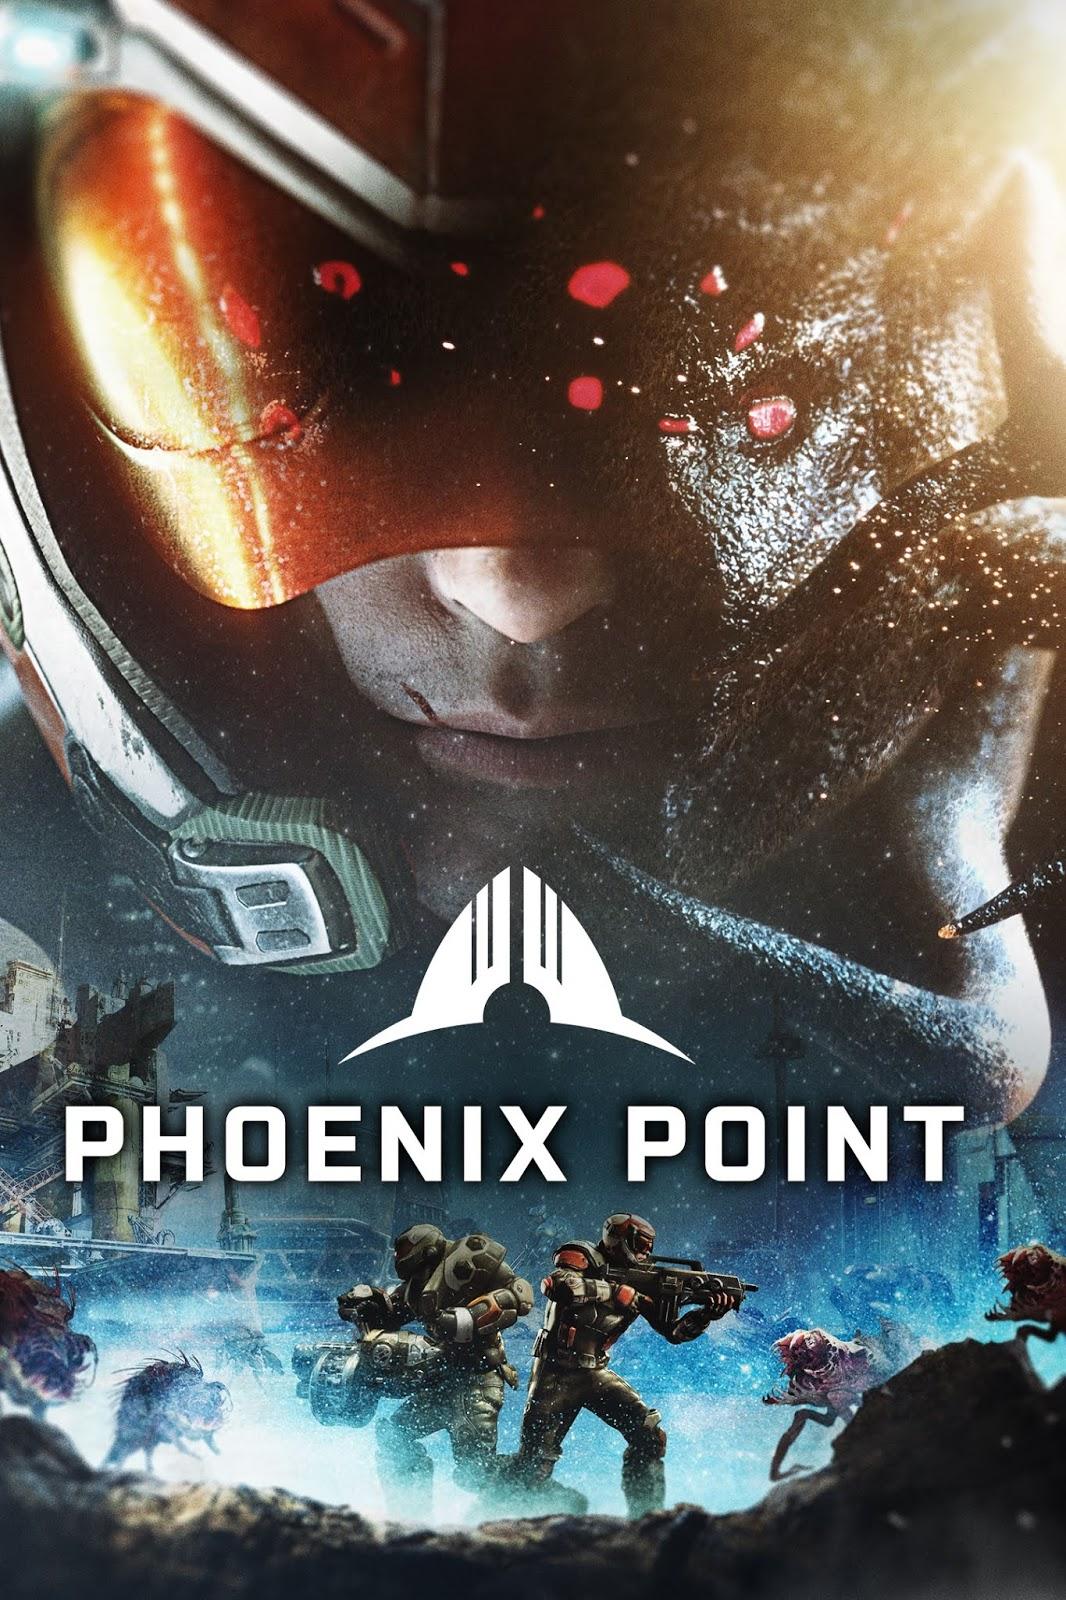 لعبة Phoenix Point،تنزيل Phoenix Point للكمبيوتر الشخصي،تنزيل لعبة Phoenix Point،تشغيل إصدار Phoenix Point Ultra Edition،تنزيل الحزمة الكاملة للعبة Phoenix Point الإضافي،تنزيل DL Gamer Phoenix Point الكامل،تنزيل Fit Girl Games Phoenix Point، قمبتنزيل لعبة Phoenix Point ذات الحجم المنخفض،وقم بتنزيل نسخة فائقة من لعبة Phoenix Point